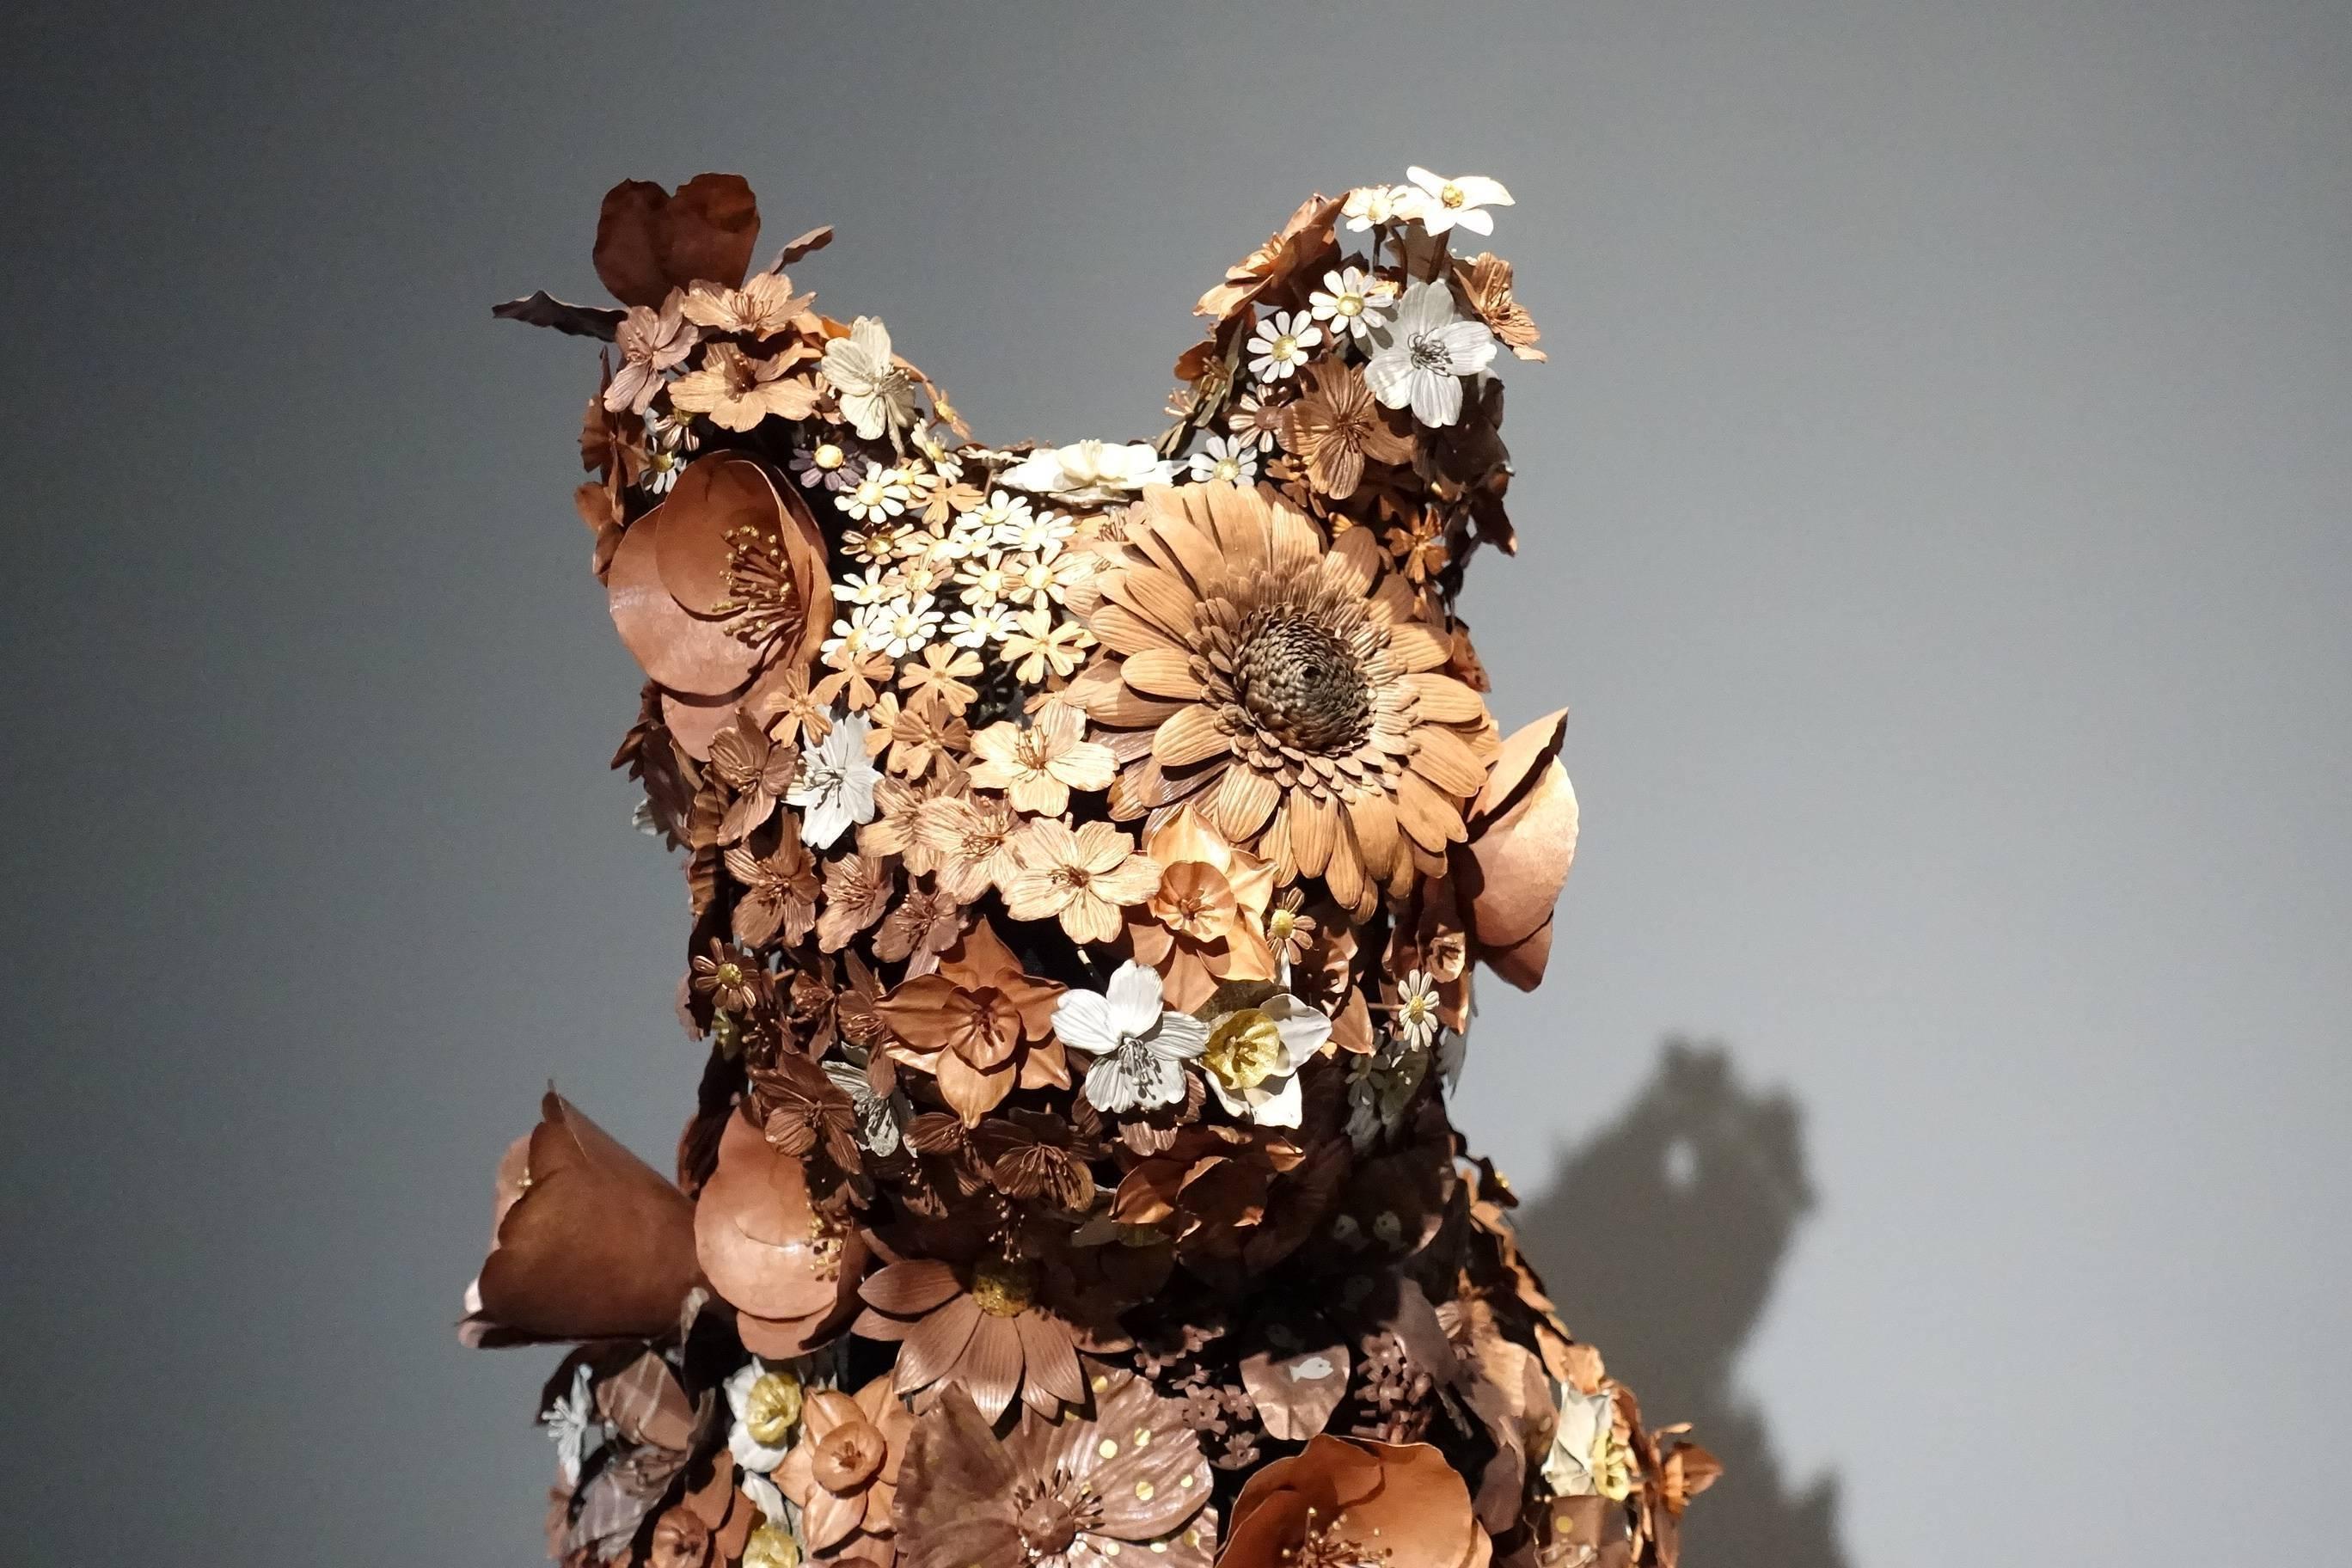 吉田泰一郎 (YOSHIDA Taiichiro)作品《花貓》。